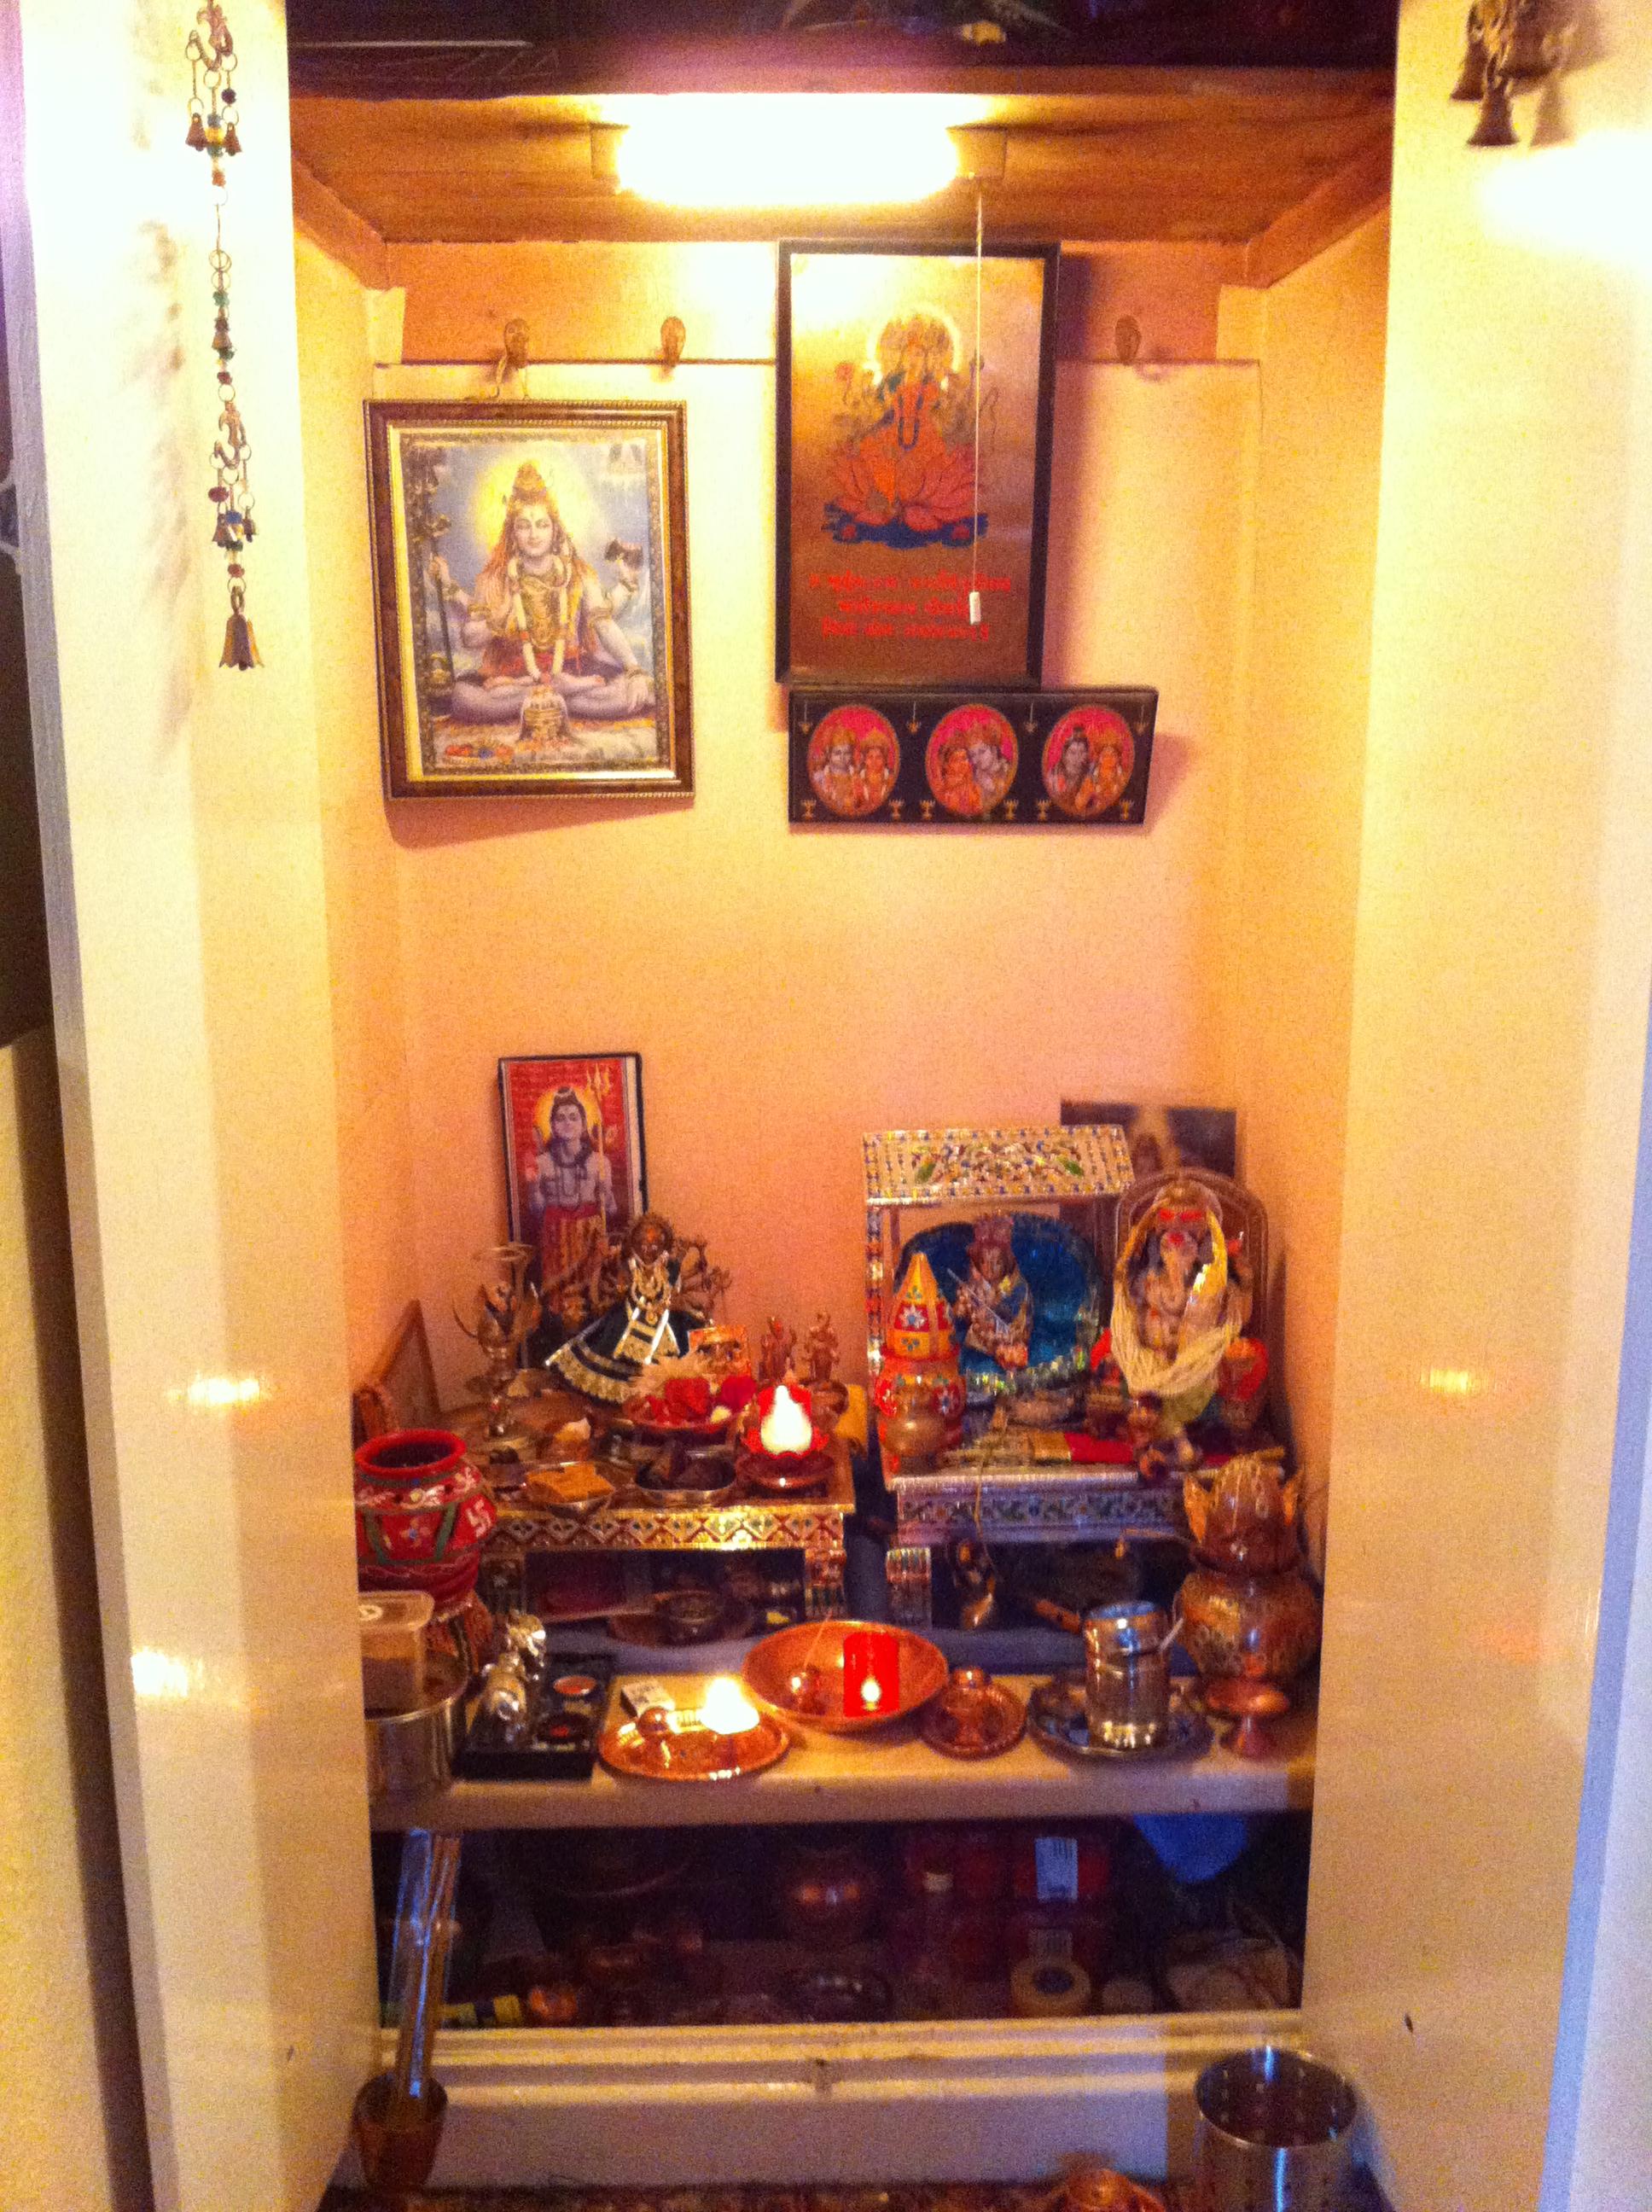 Best Kitchen Gallery: Hindus In Ireland Colettecolfer of Hindu Altar At Home on rachelxblog.com